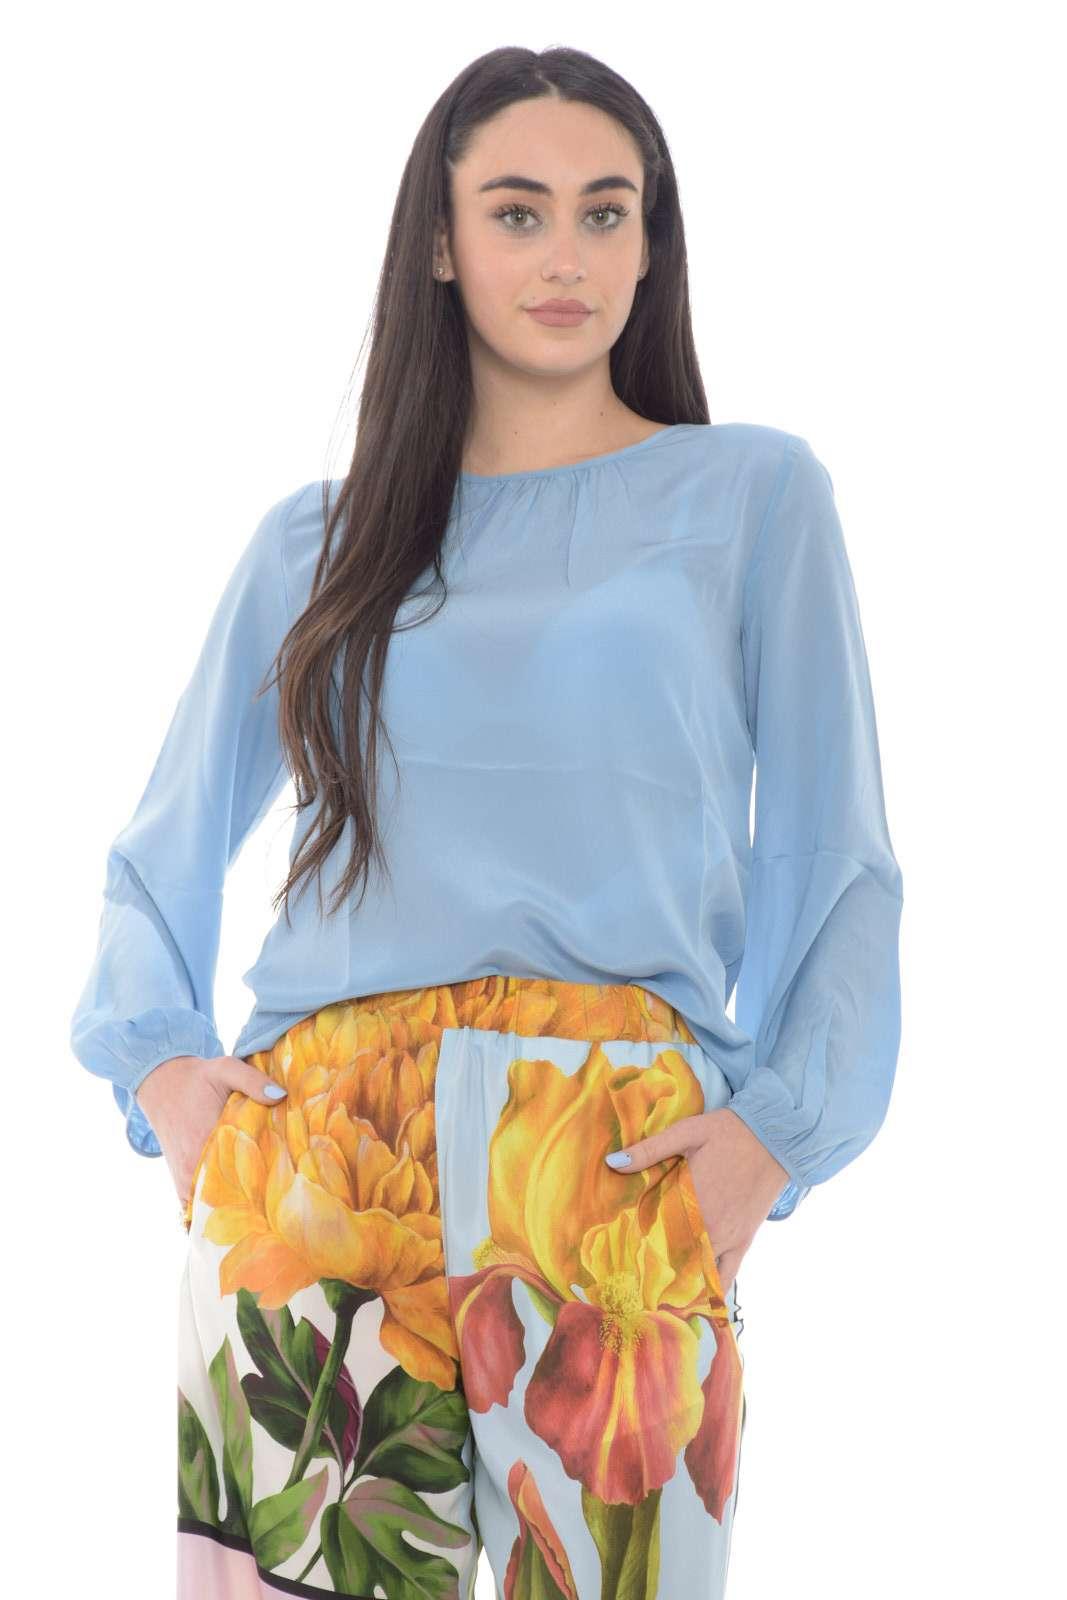 Semplice e preziosa la camicia con inserto in seta proposta dalla collezione Weekend MaxMara. Da abbinare con un pantalone chino o con una gonna si adatta ad ogni look. Le maniche a palloncino sul fondo e lo scollo a goccia sul retro la rendono unica.